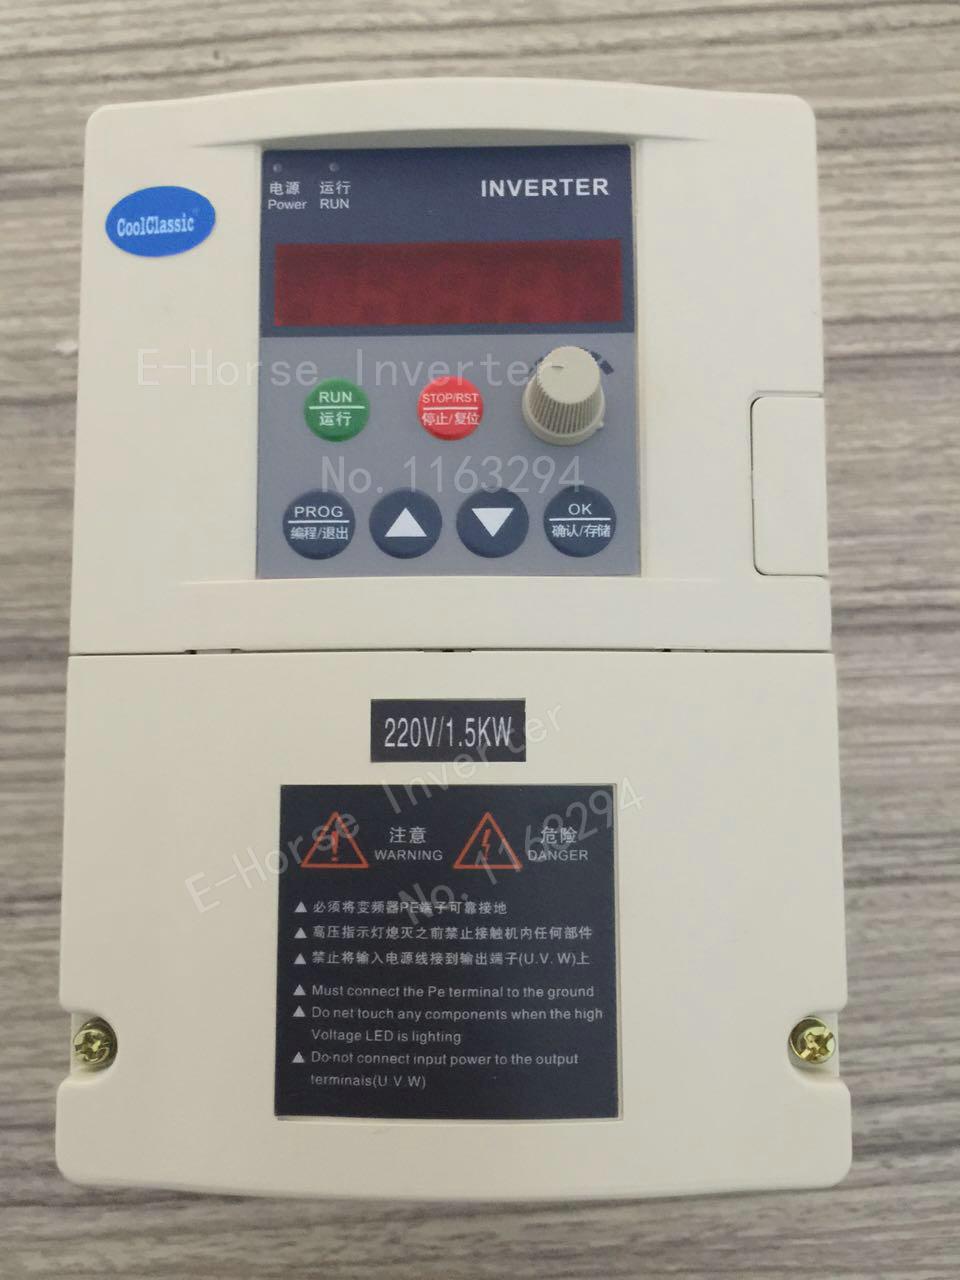 Convertidor de frecuencia ZW-S2-2T 1.5KW inversor de frecuencia única fase de entrada y 220v 3-fase de salida sin línea de control panel 4-Canal Digital transceptor óptico video-fibra de modo único convertidor de fibra óptica FC 20KM